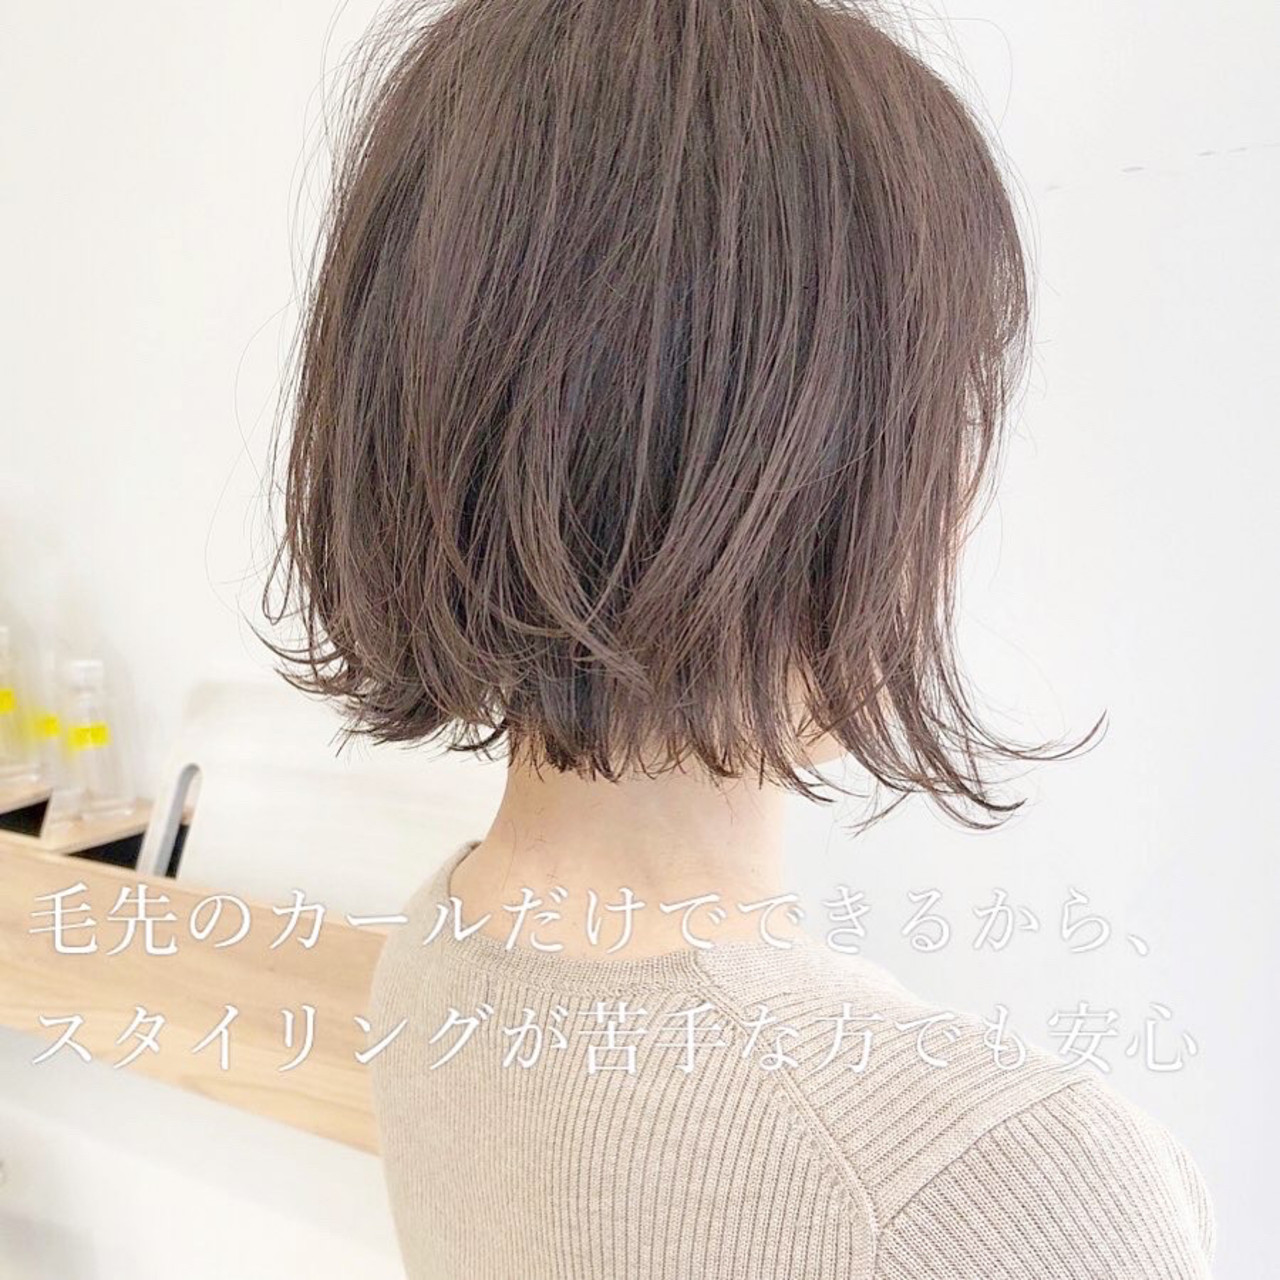 簡単ヘアアレンジ デート 切りっぱなしボブ ナチュラル ヘアスタイルや髪型の写真・画像